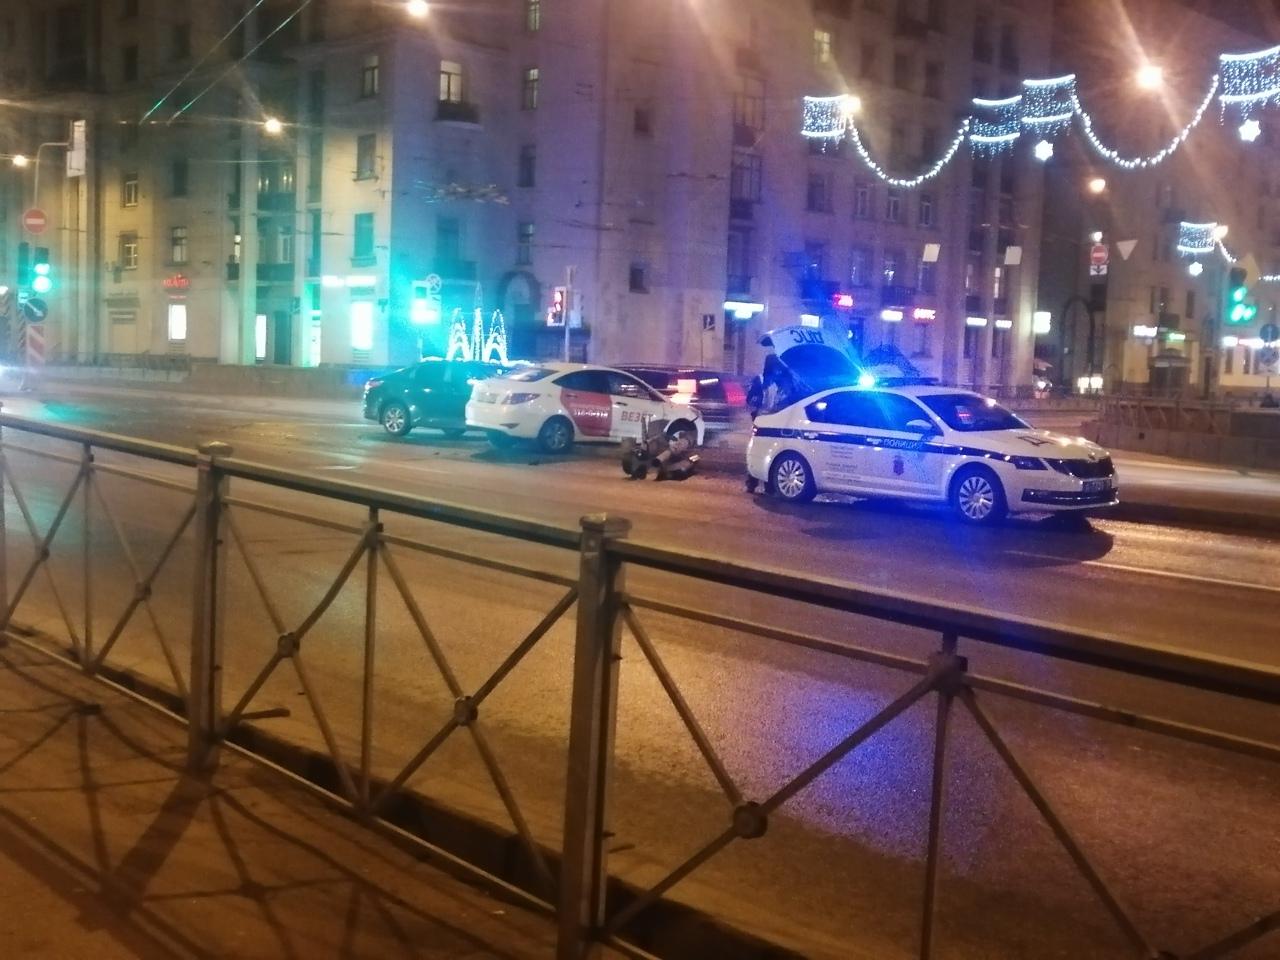 Столкновение и сбитый светофор на перекрестке Ивановской и Бабушкина.